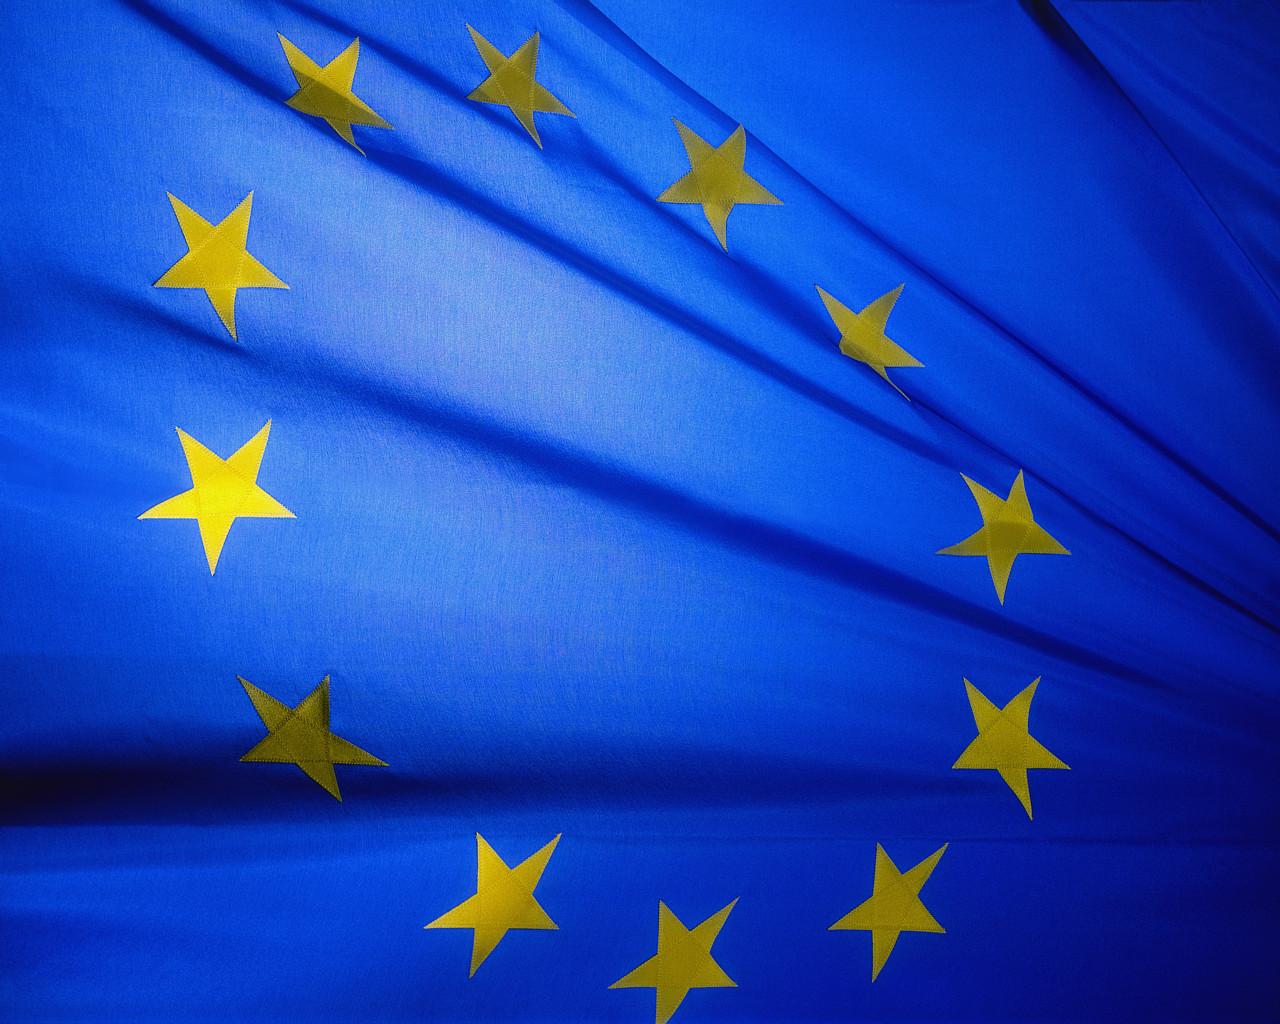 Cum vad partidele de la noi Europa viitorului?